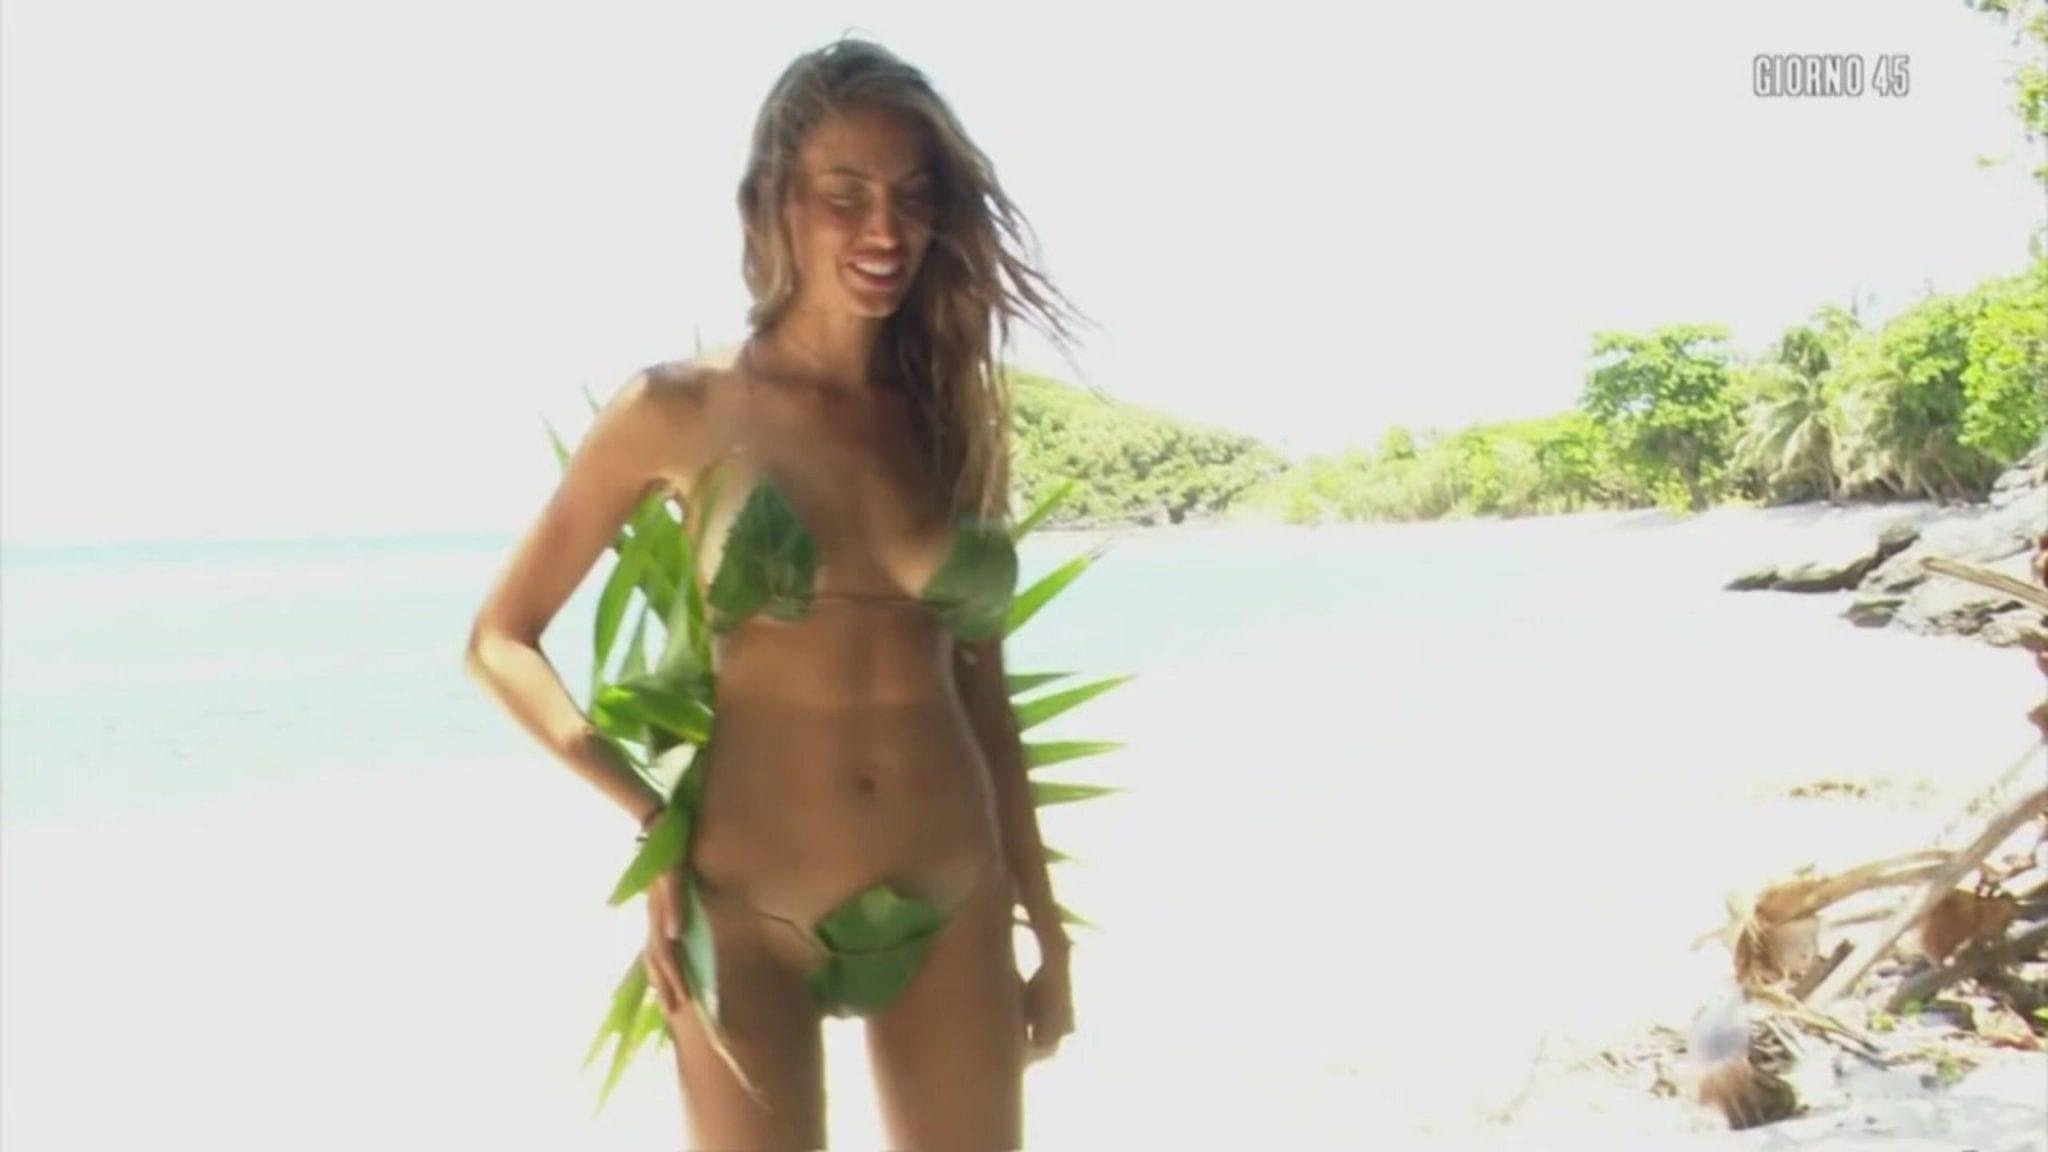 Live 29 aprile 2021 · L'Isola Dei Famosi 2021, tredicesima puntata. La nuova Isola è condotta da Ilary Blasi, in onda in prima serata su Canale5